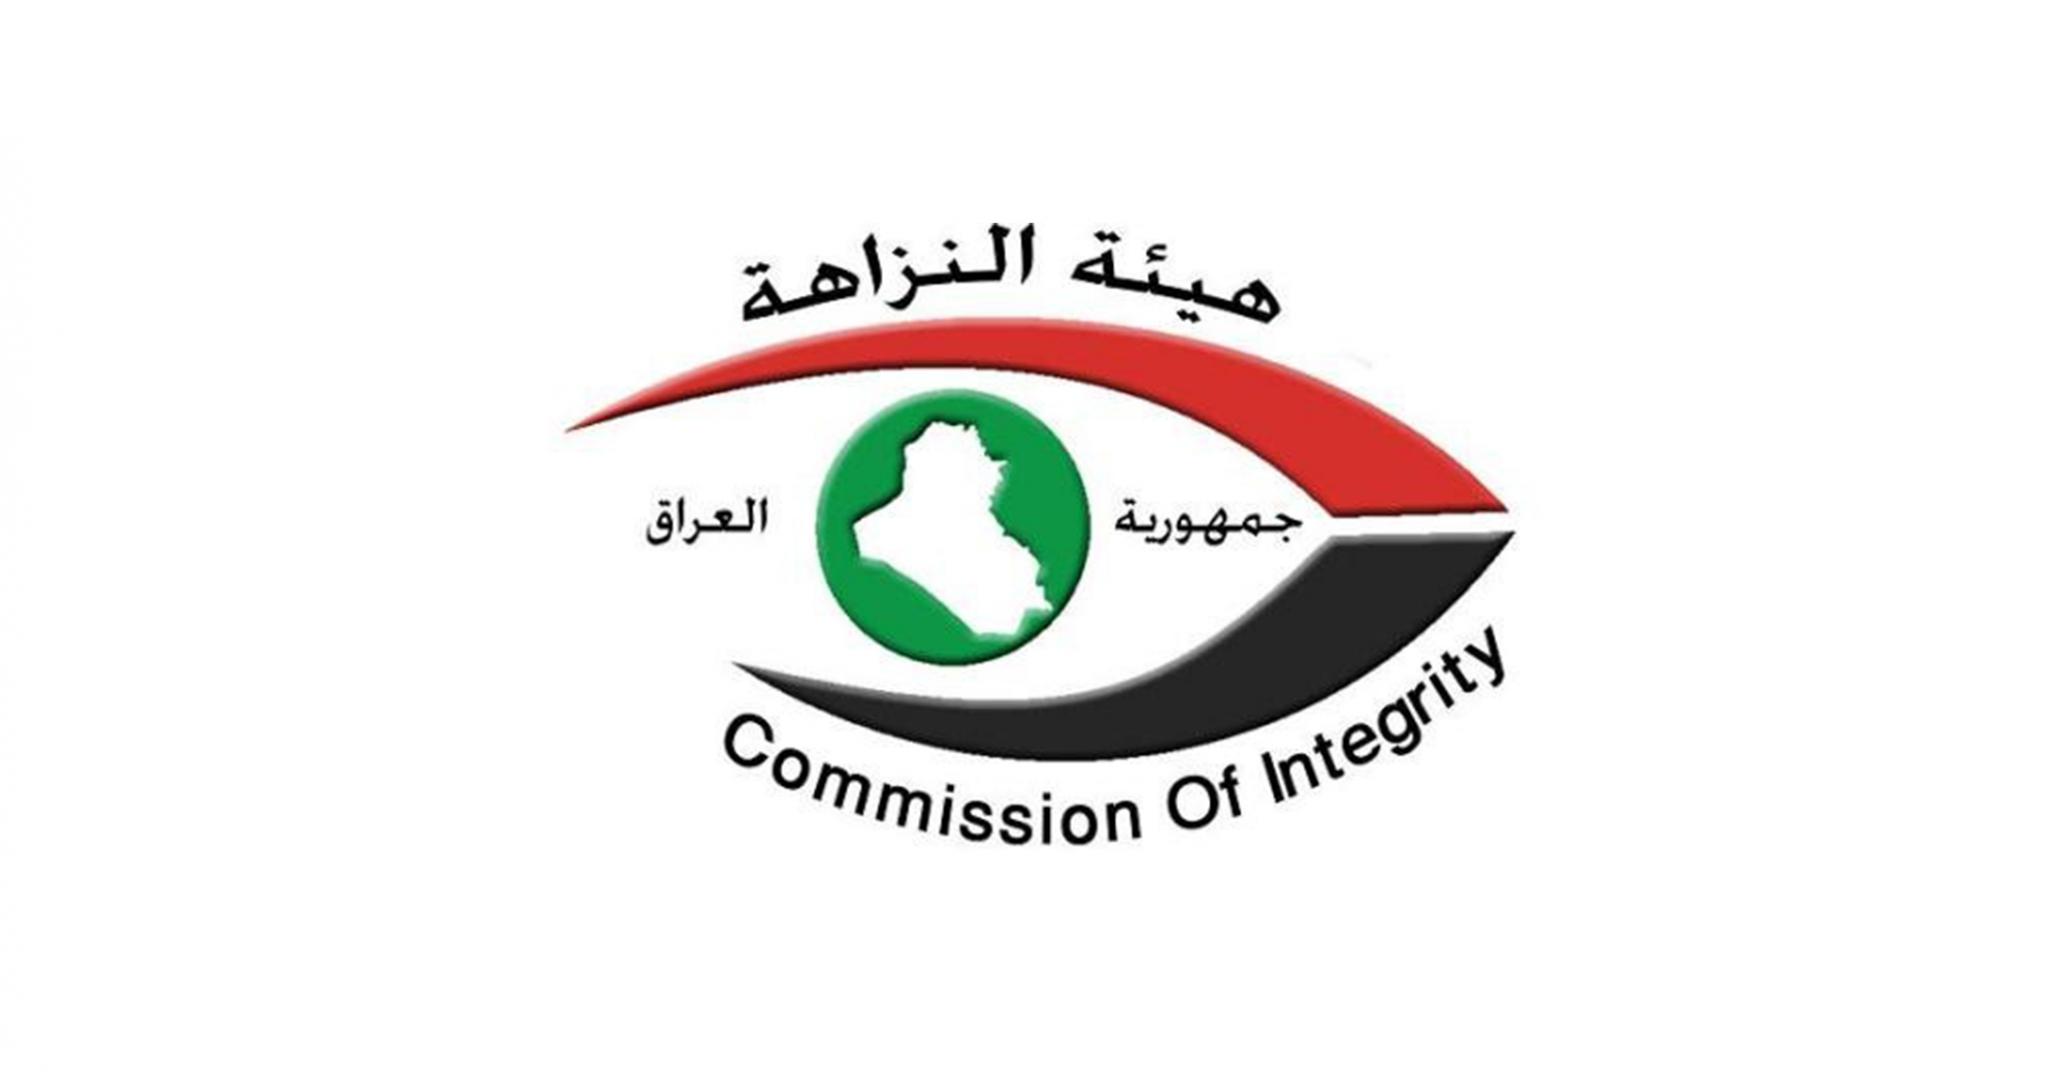 احباط عملية تهريب كبيرة وصدور أوامر قبض بحق مسؤولي شركة حكومية عراقية